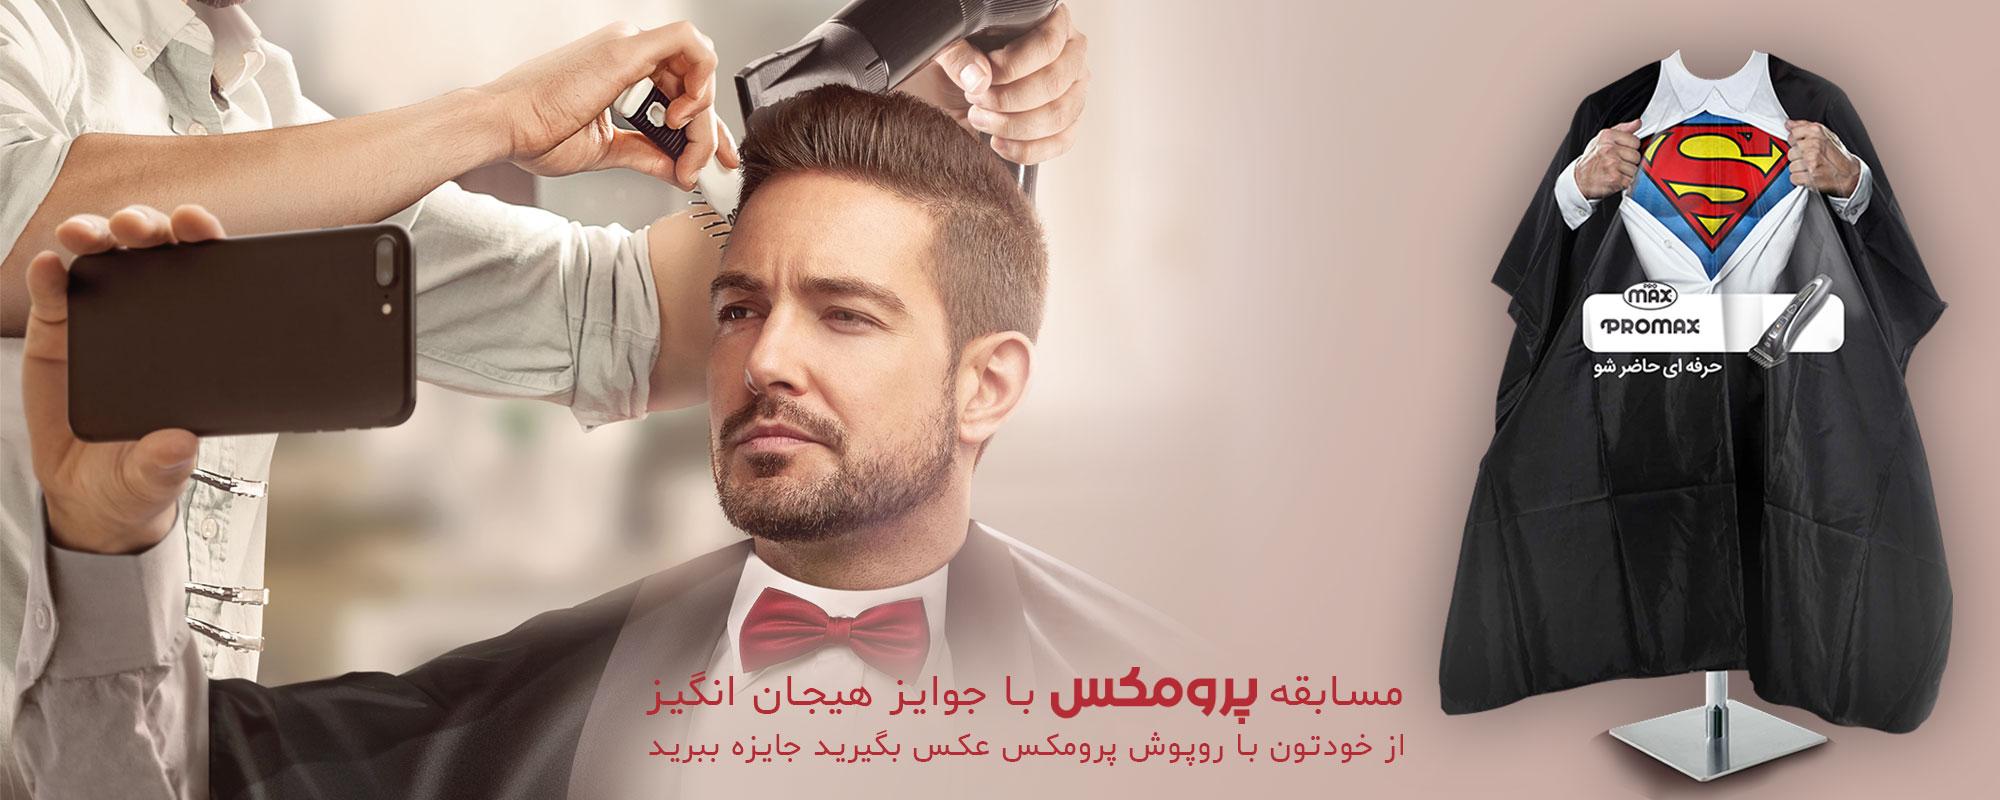 مسابقه آرایشگران